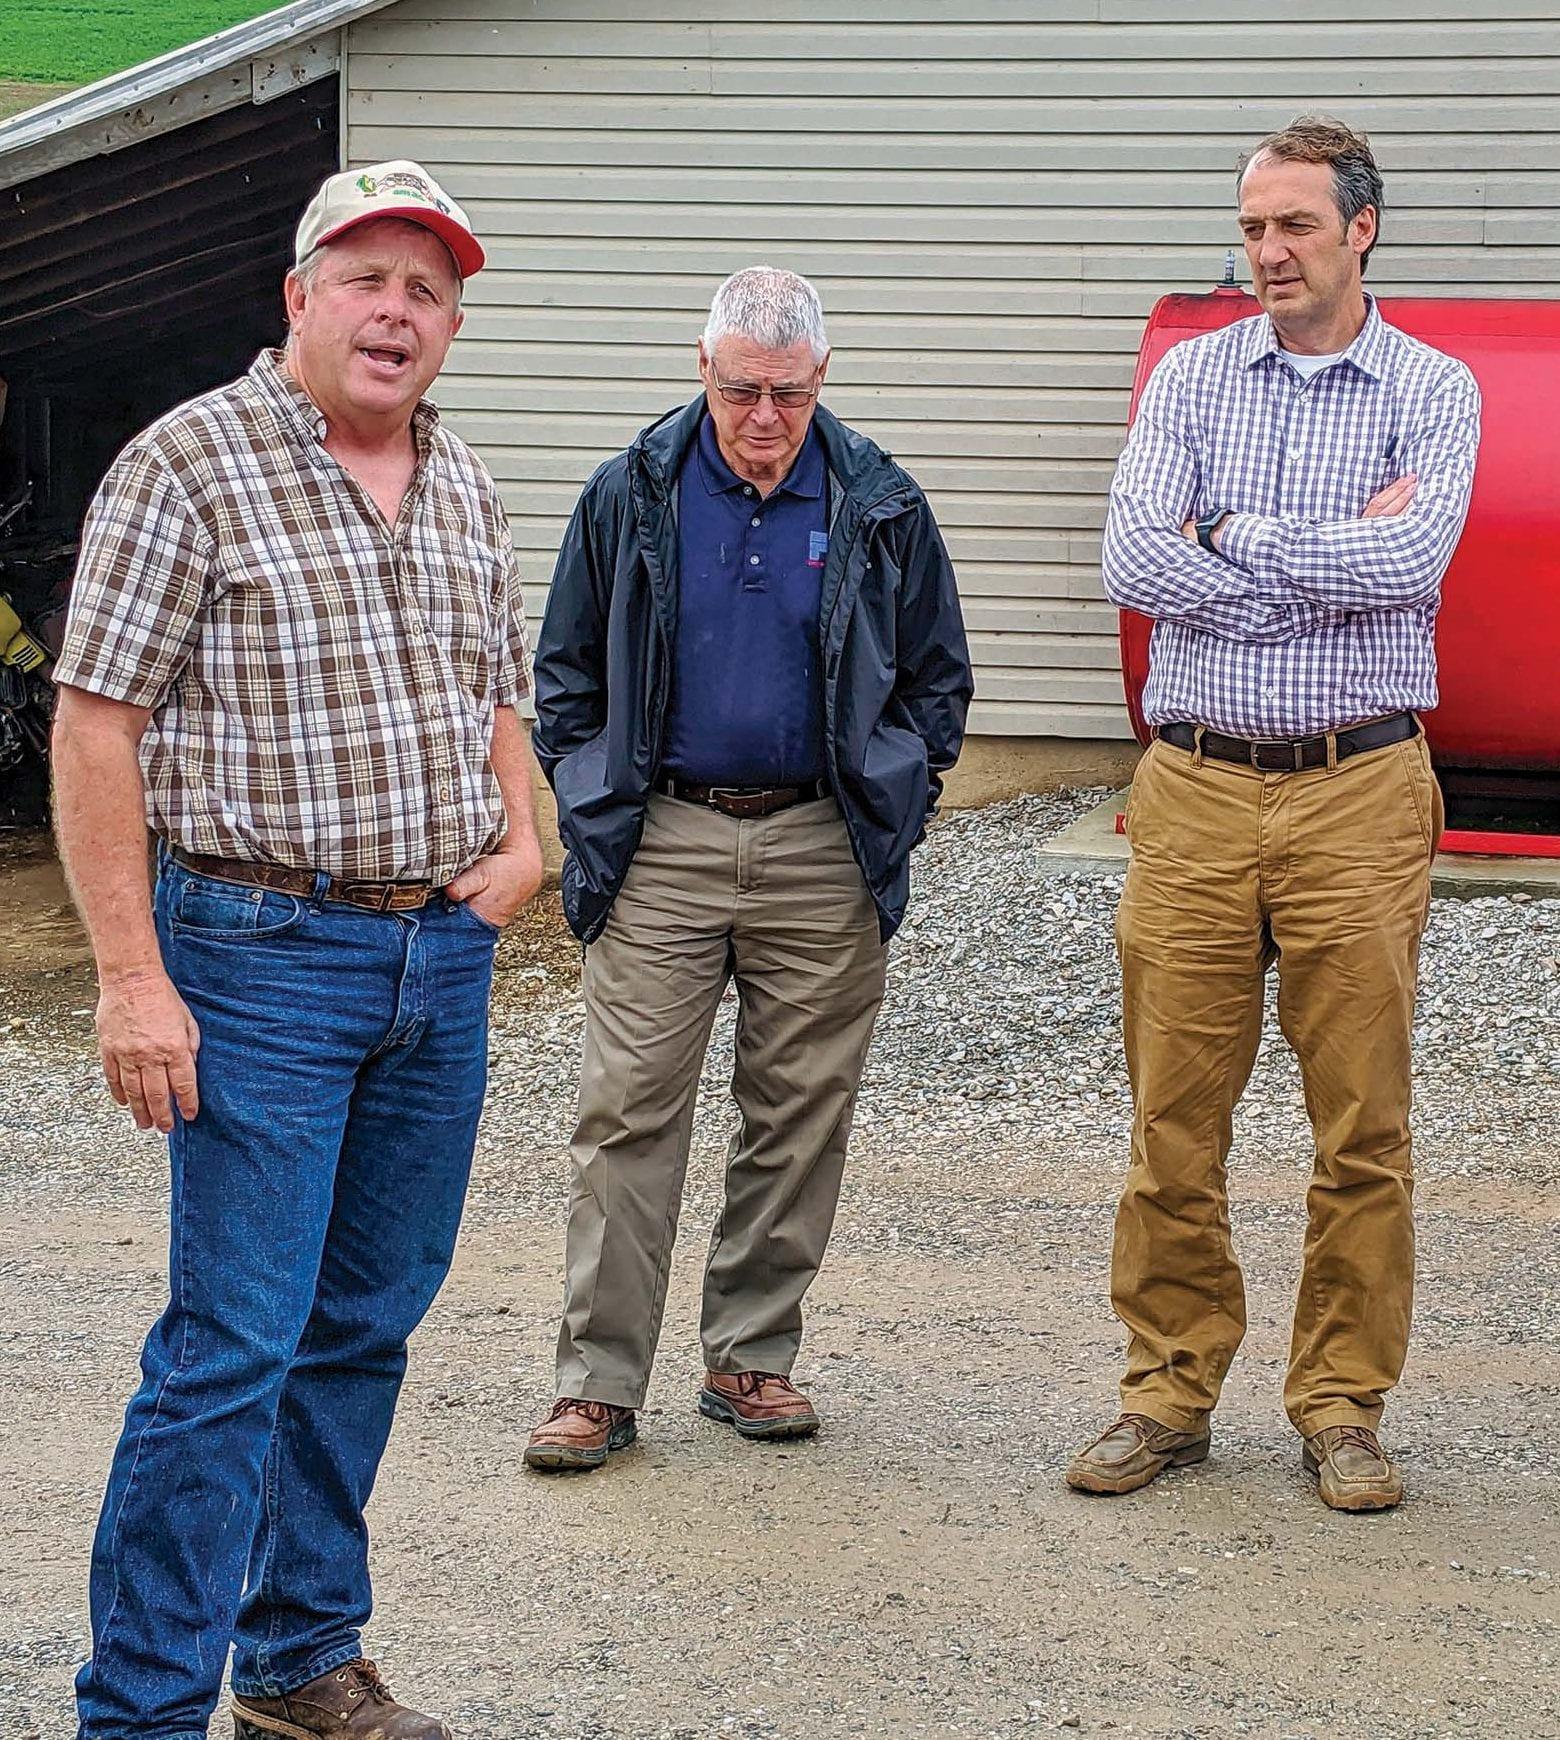 2019 OFBF Board trip to Marietta - Zimmer Farm